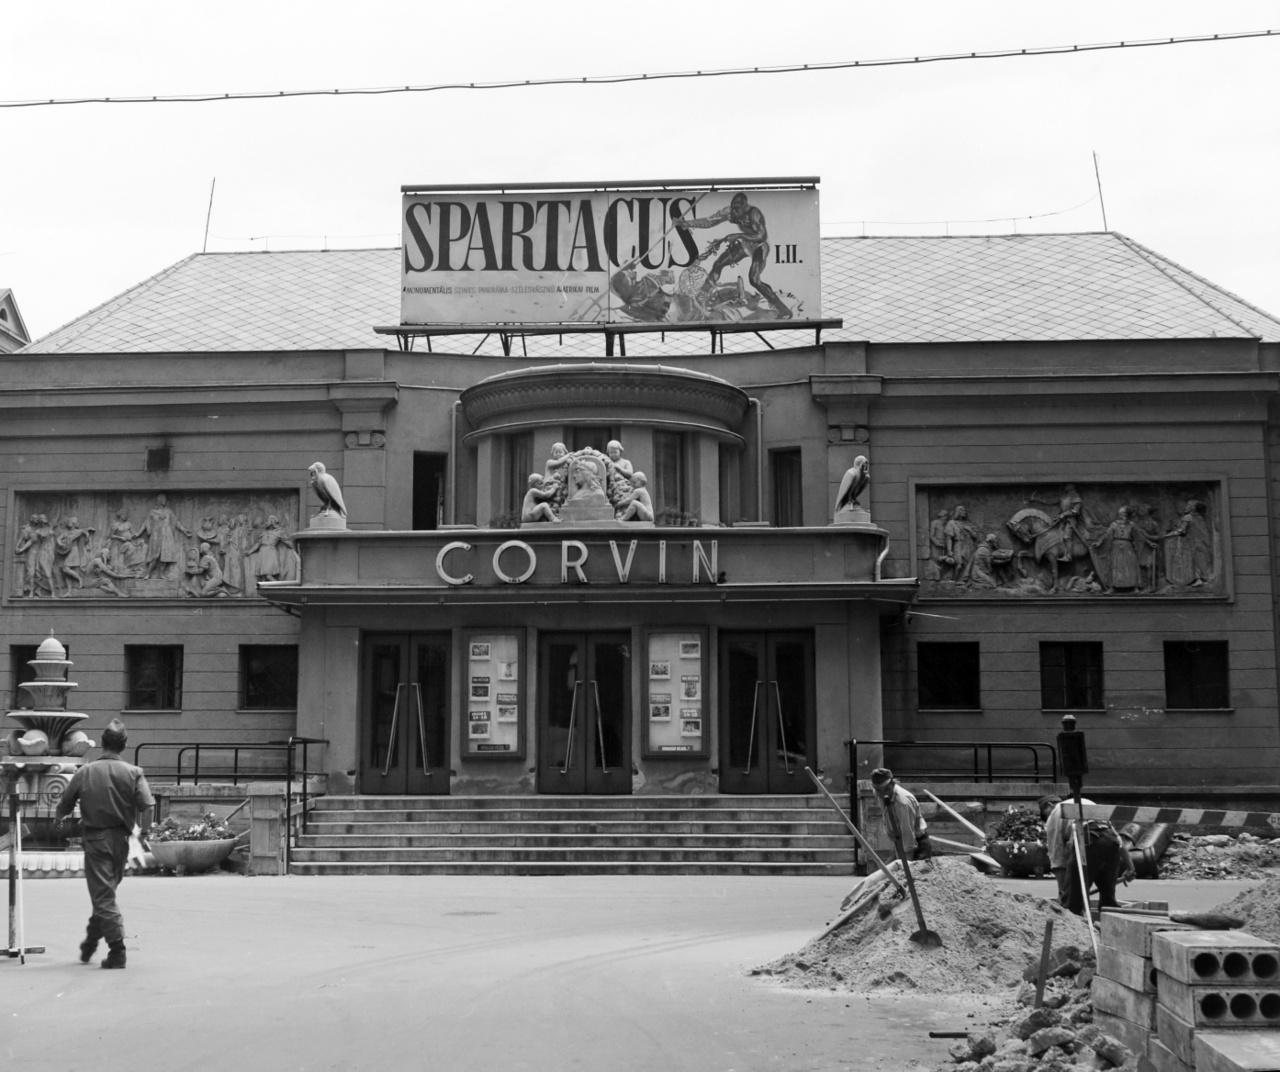 Kirk Douglas legendás filmjét, a Spartacust csak 1970-ben tűzte műsorra a Corvin mozi. Az épület még jóval kisebb volt, mint mai valójában, a kilencvenes években történt felújítása után. A tizenöt évvel korábbi fegyveres harc nyomai nem látszanak a fényképen, de tudjuk, hogy az egykori sarokház helyére már új épület került. A munkálatok csatornázásra utalnak, de a mozi töretlenül működik, és tetején a két részes színes – panoráma – szélesvásznú amerikai filmet, a Spartacust (R. Stanley Kubrick, 1960) hirdetik óriási betűkkel és egy rajzolt gladiátorjelenettel.